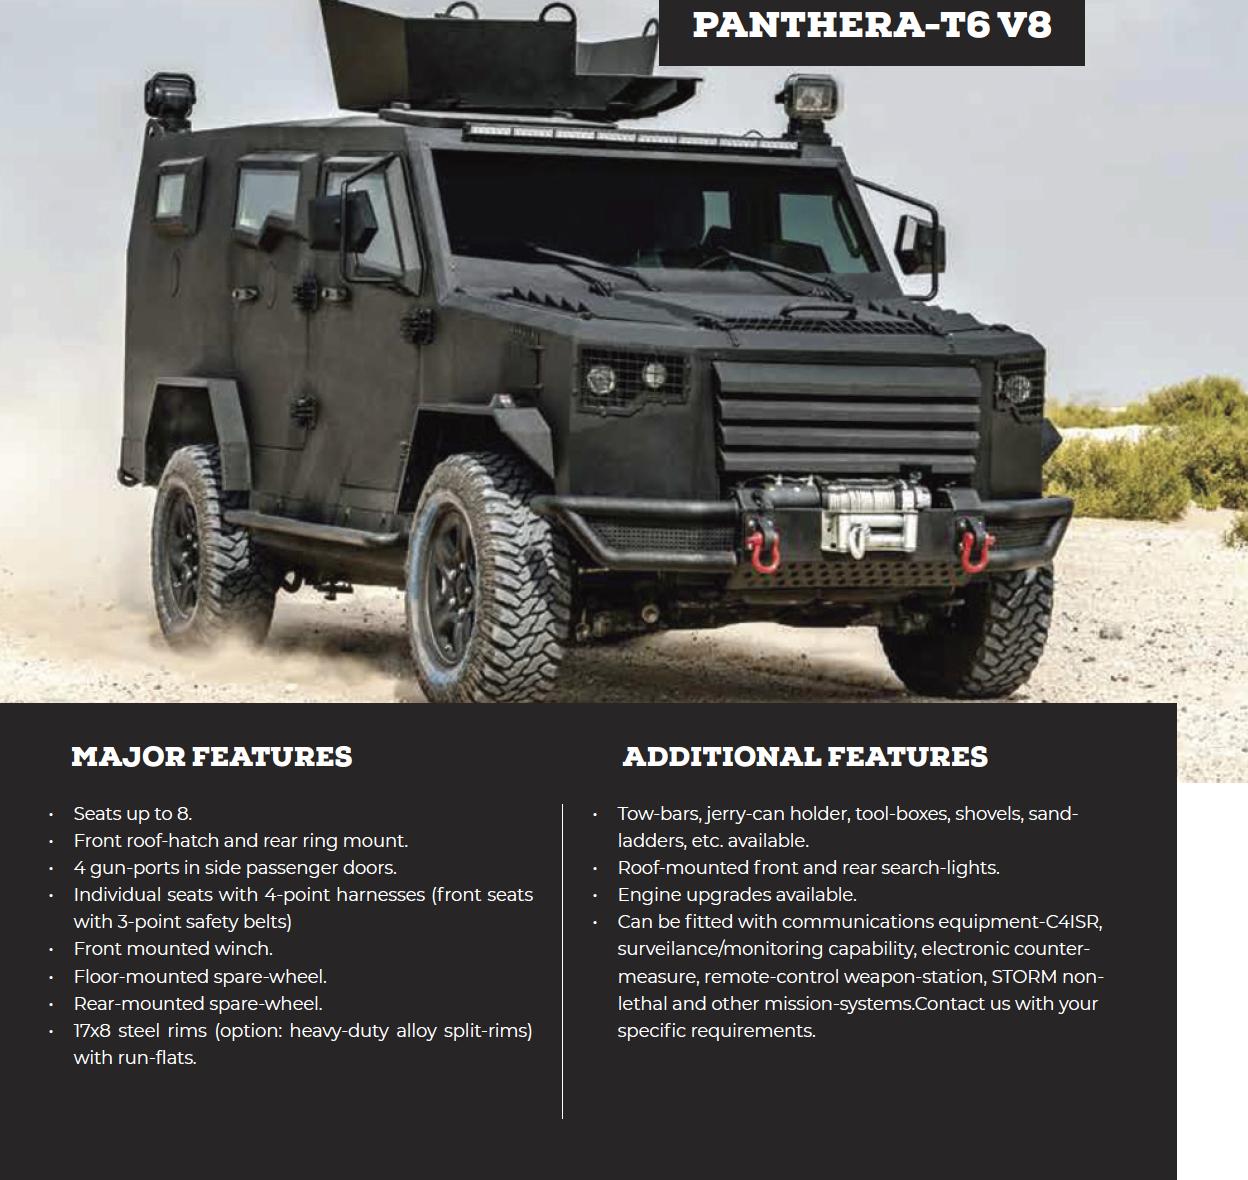 Panthera-T6 V8